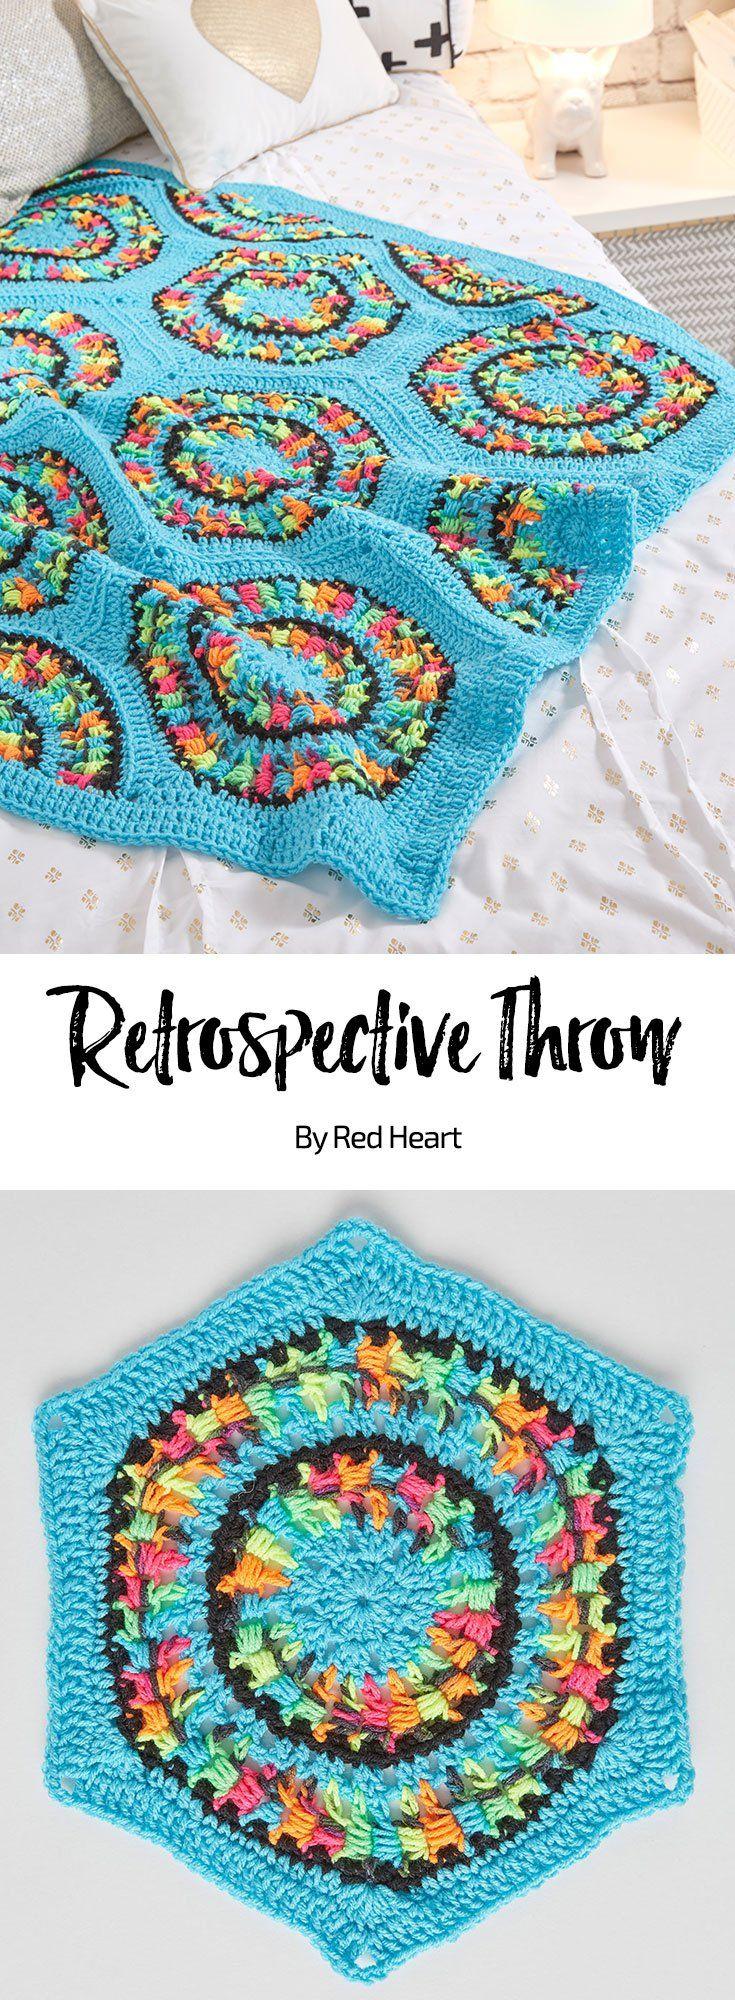 Twirling Crochet Throw free crochet pattern in Super Saver Jumbo yarn.